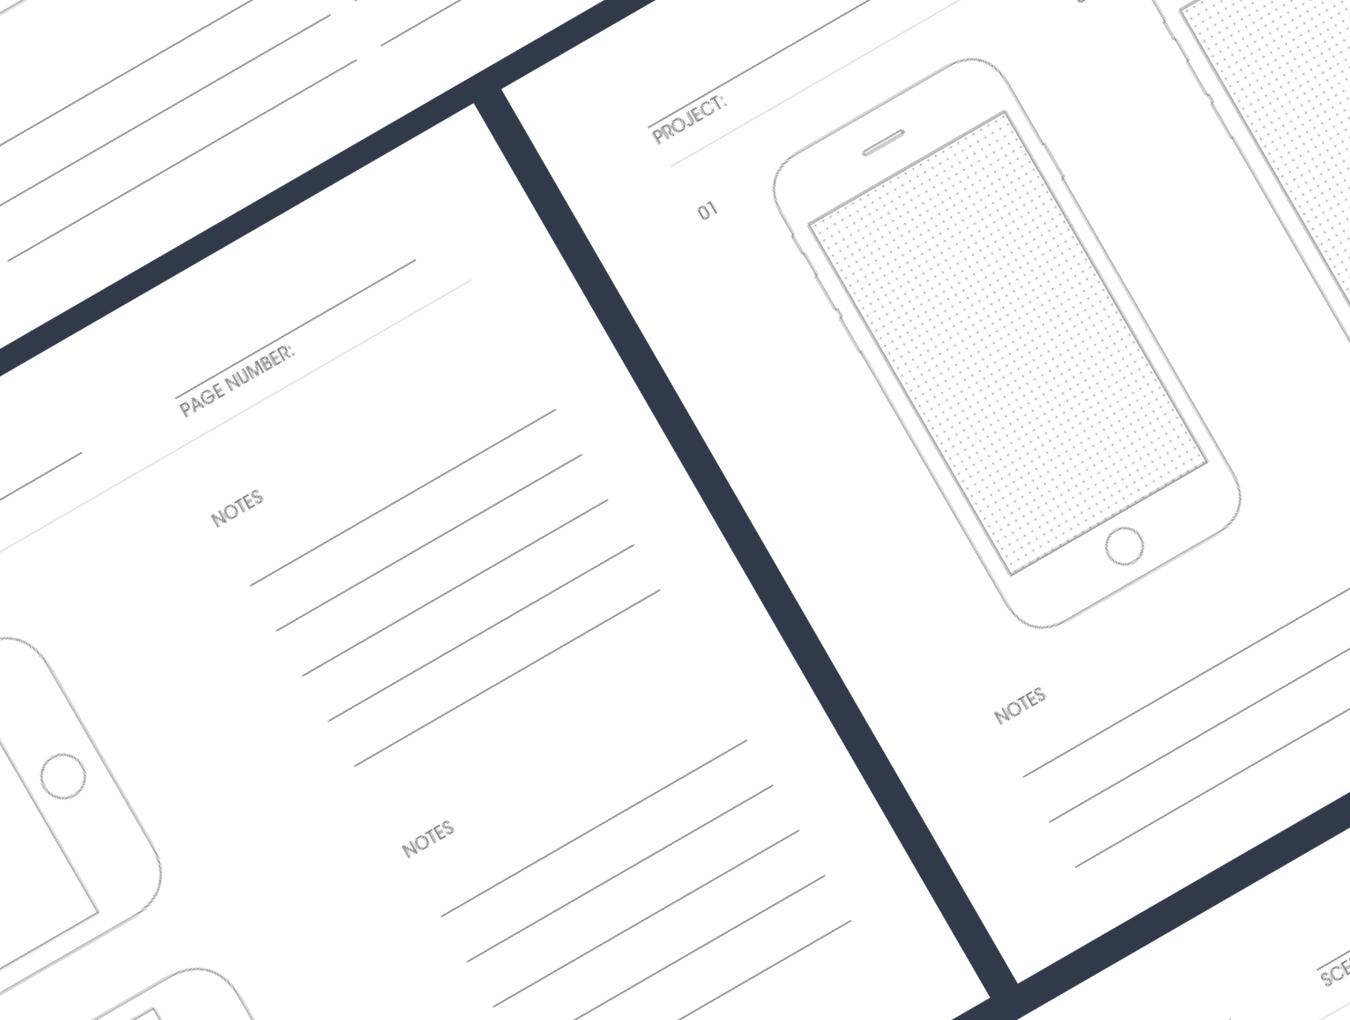 IPHONE线框图UI套件 UX Sketchbook Volume 2